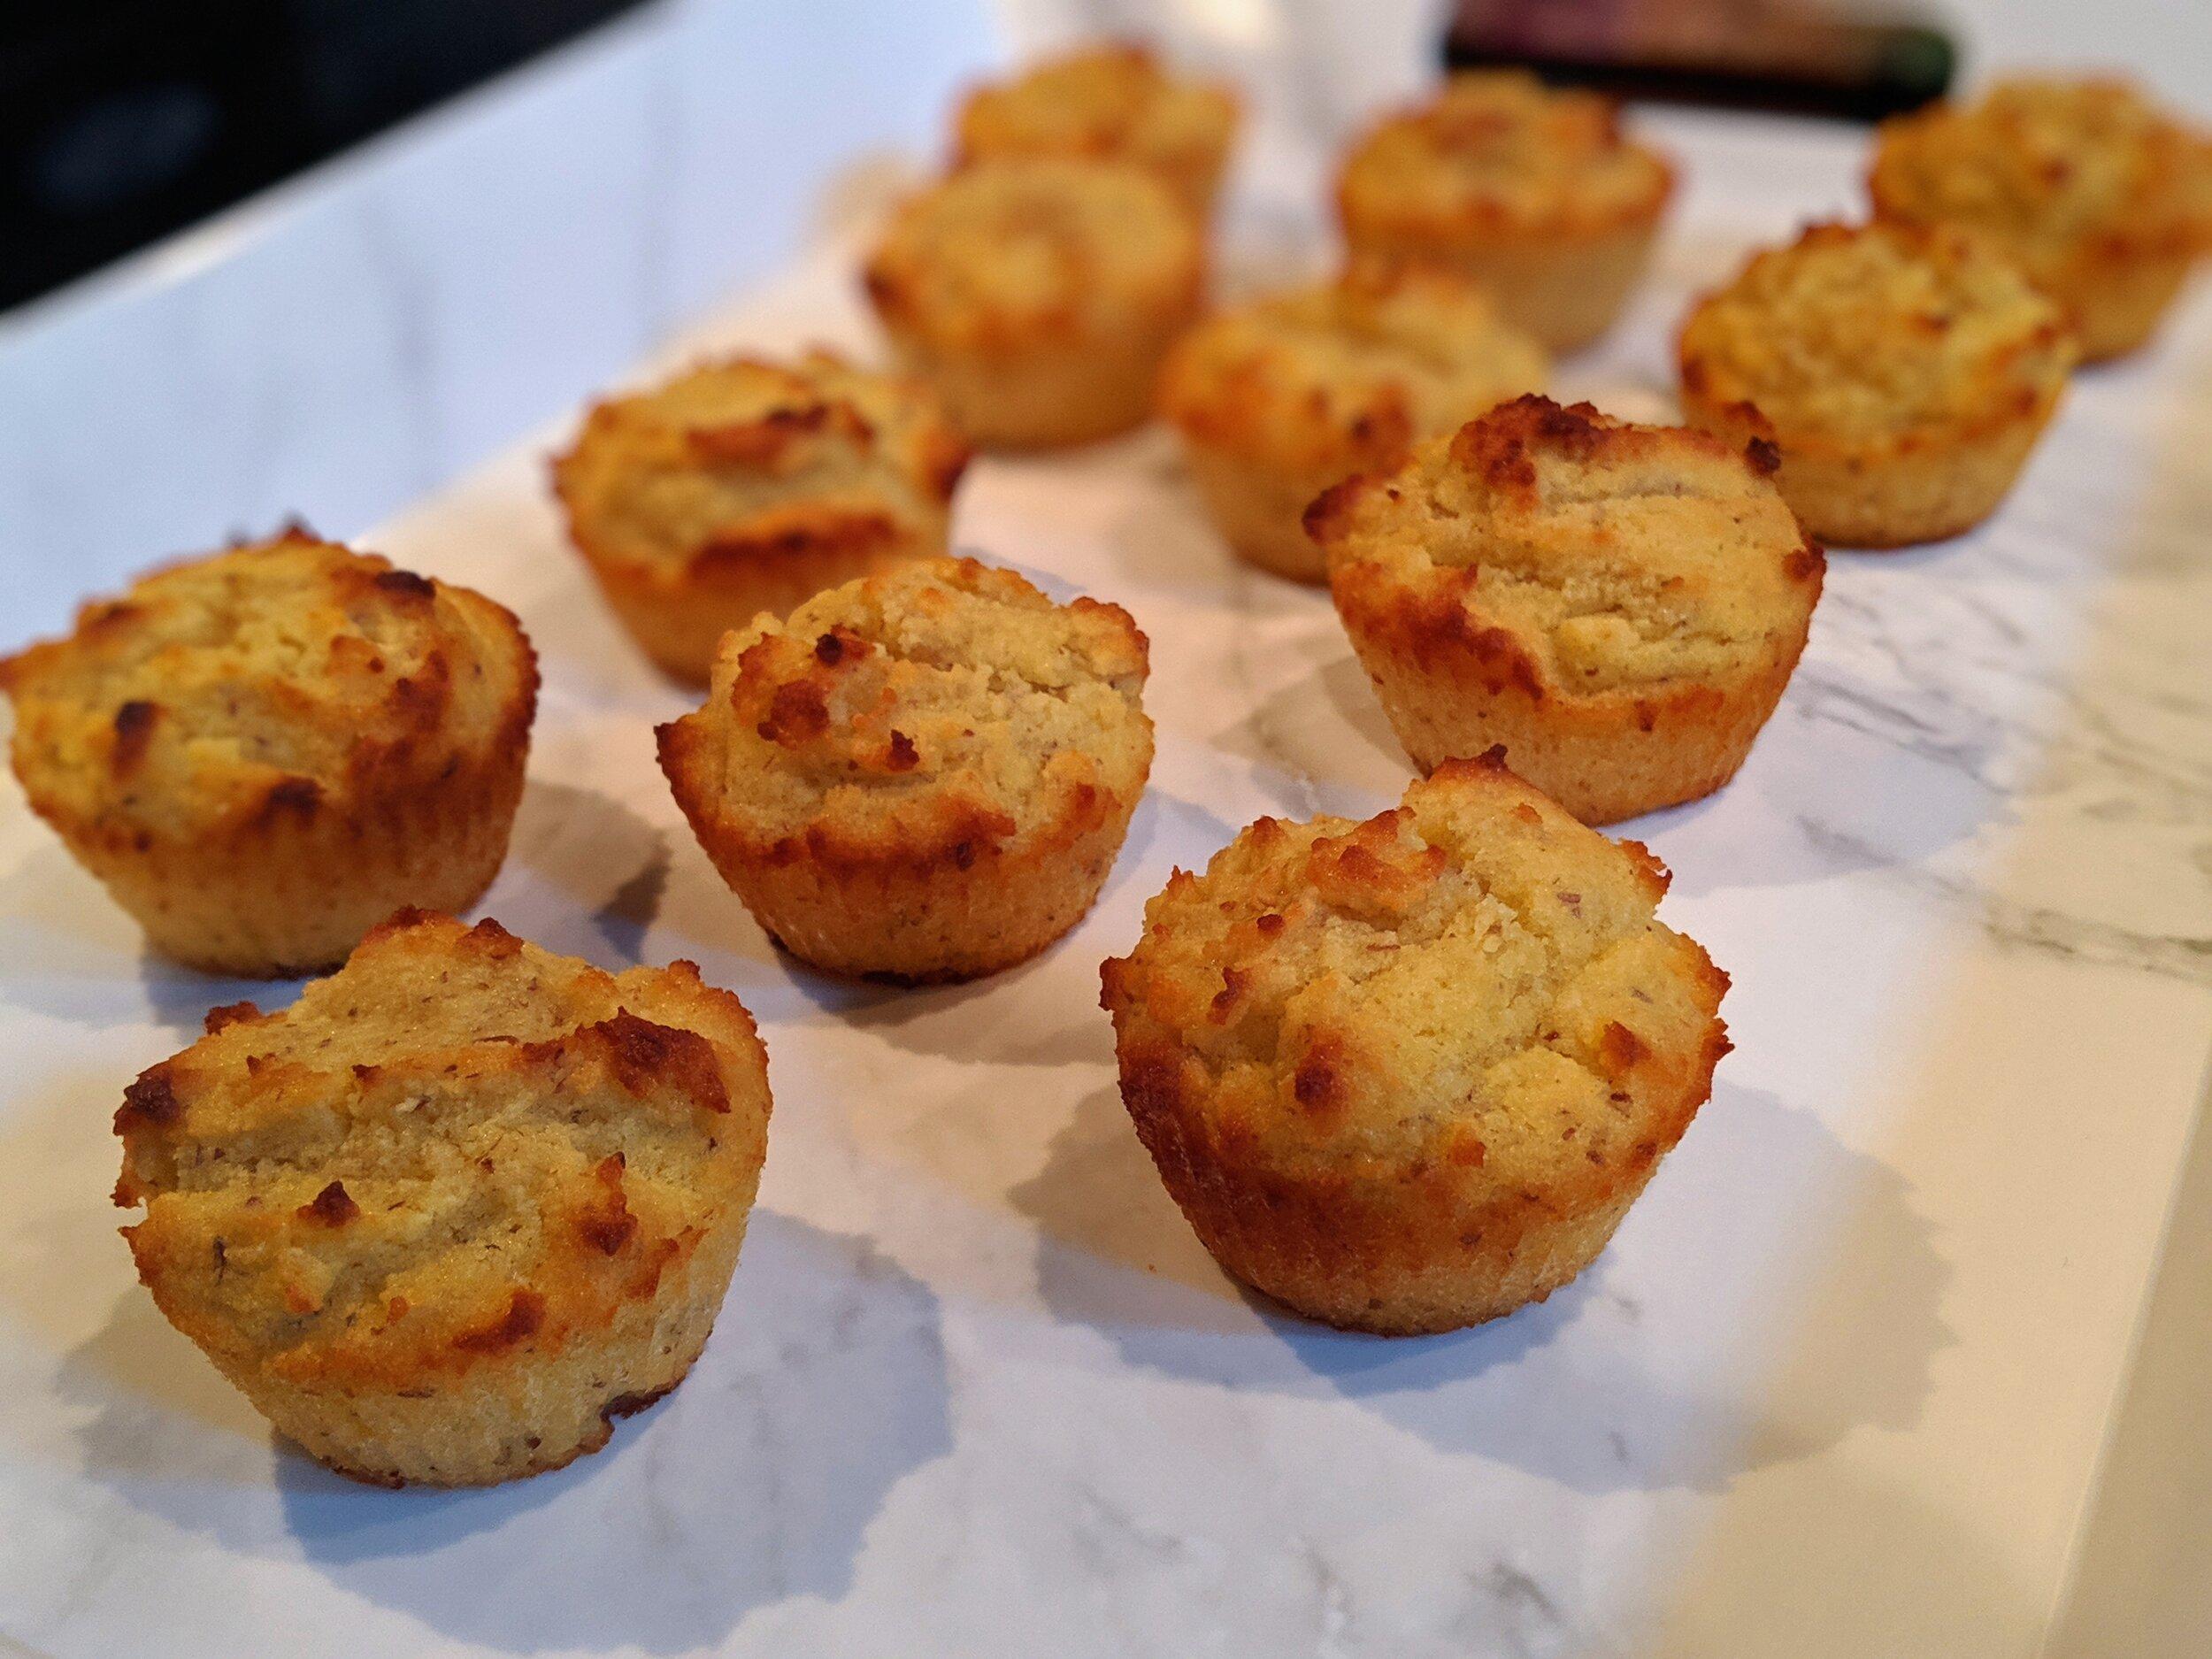 ChipMonk Baking Keto Low Carb Gluten Free Vanilla Cupcakes (12).jpg